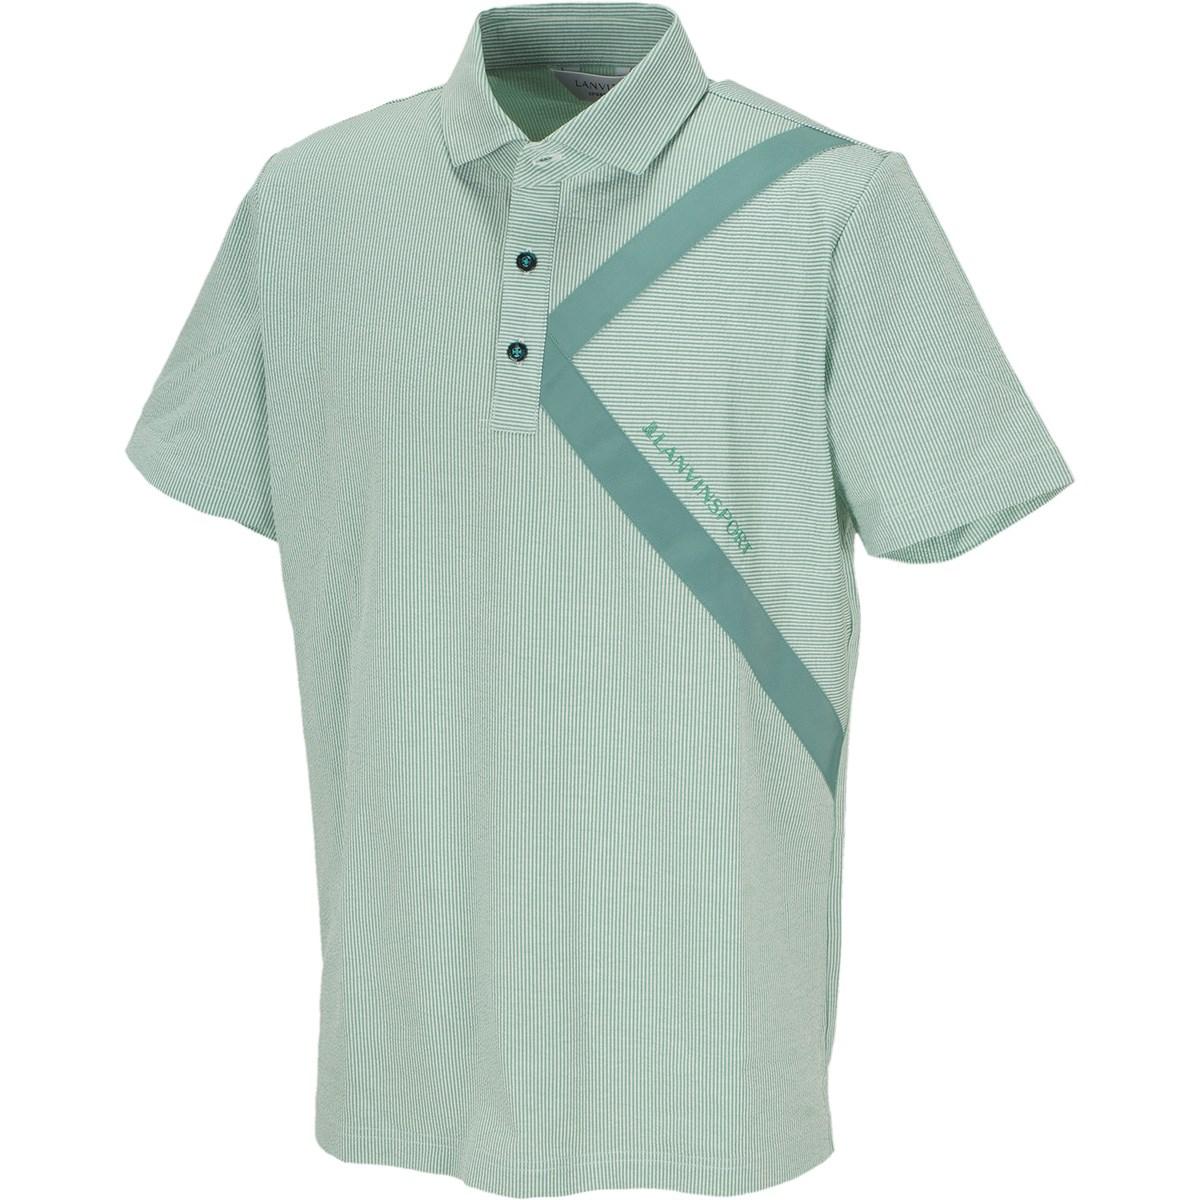 ランバン スポール(LANVIN SPORT) 半袖ニットポロシャツ